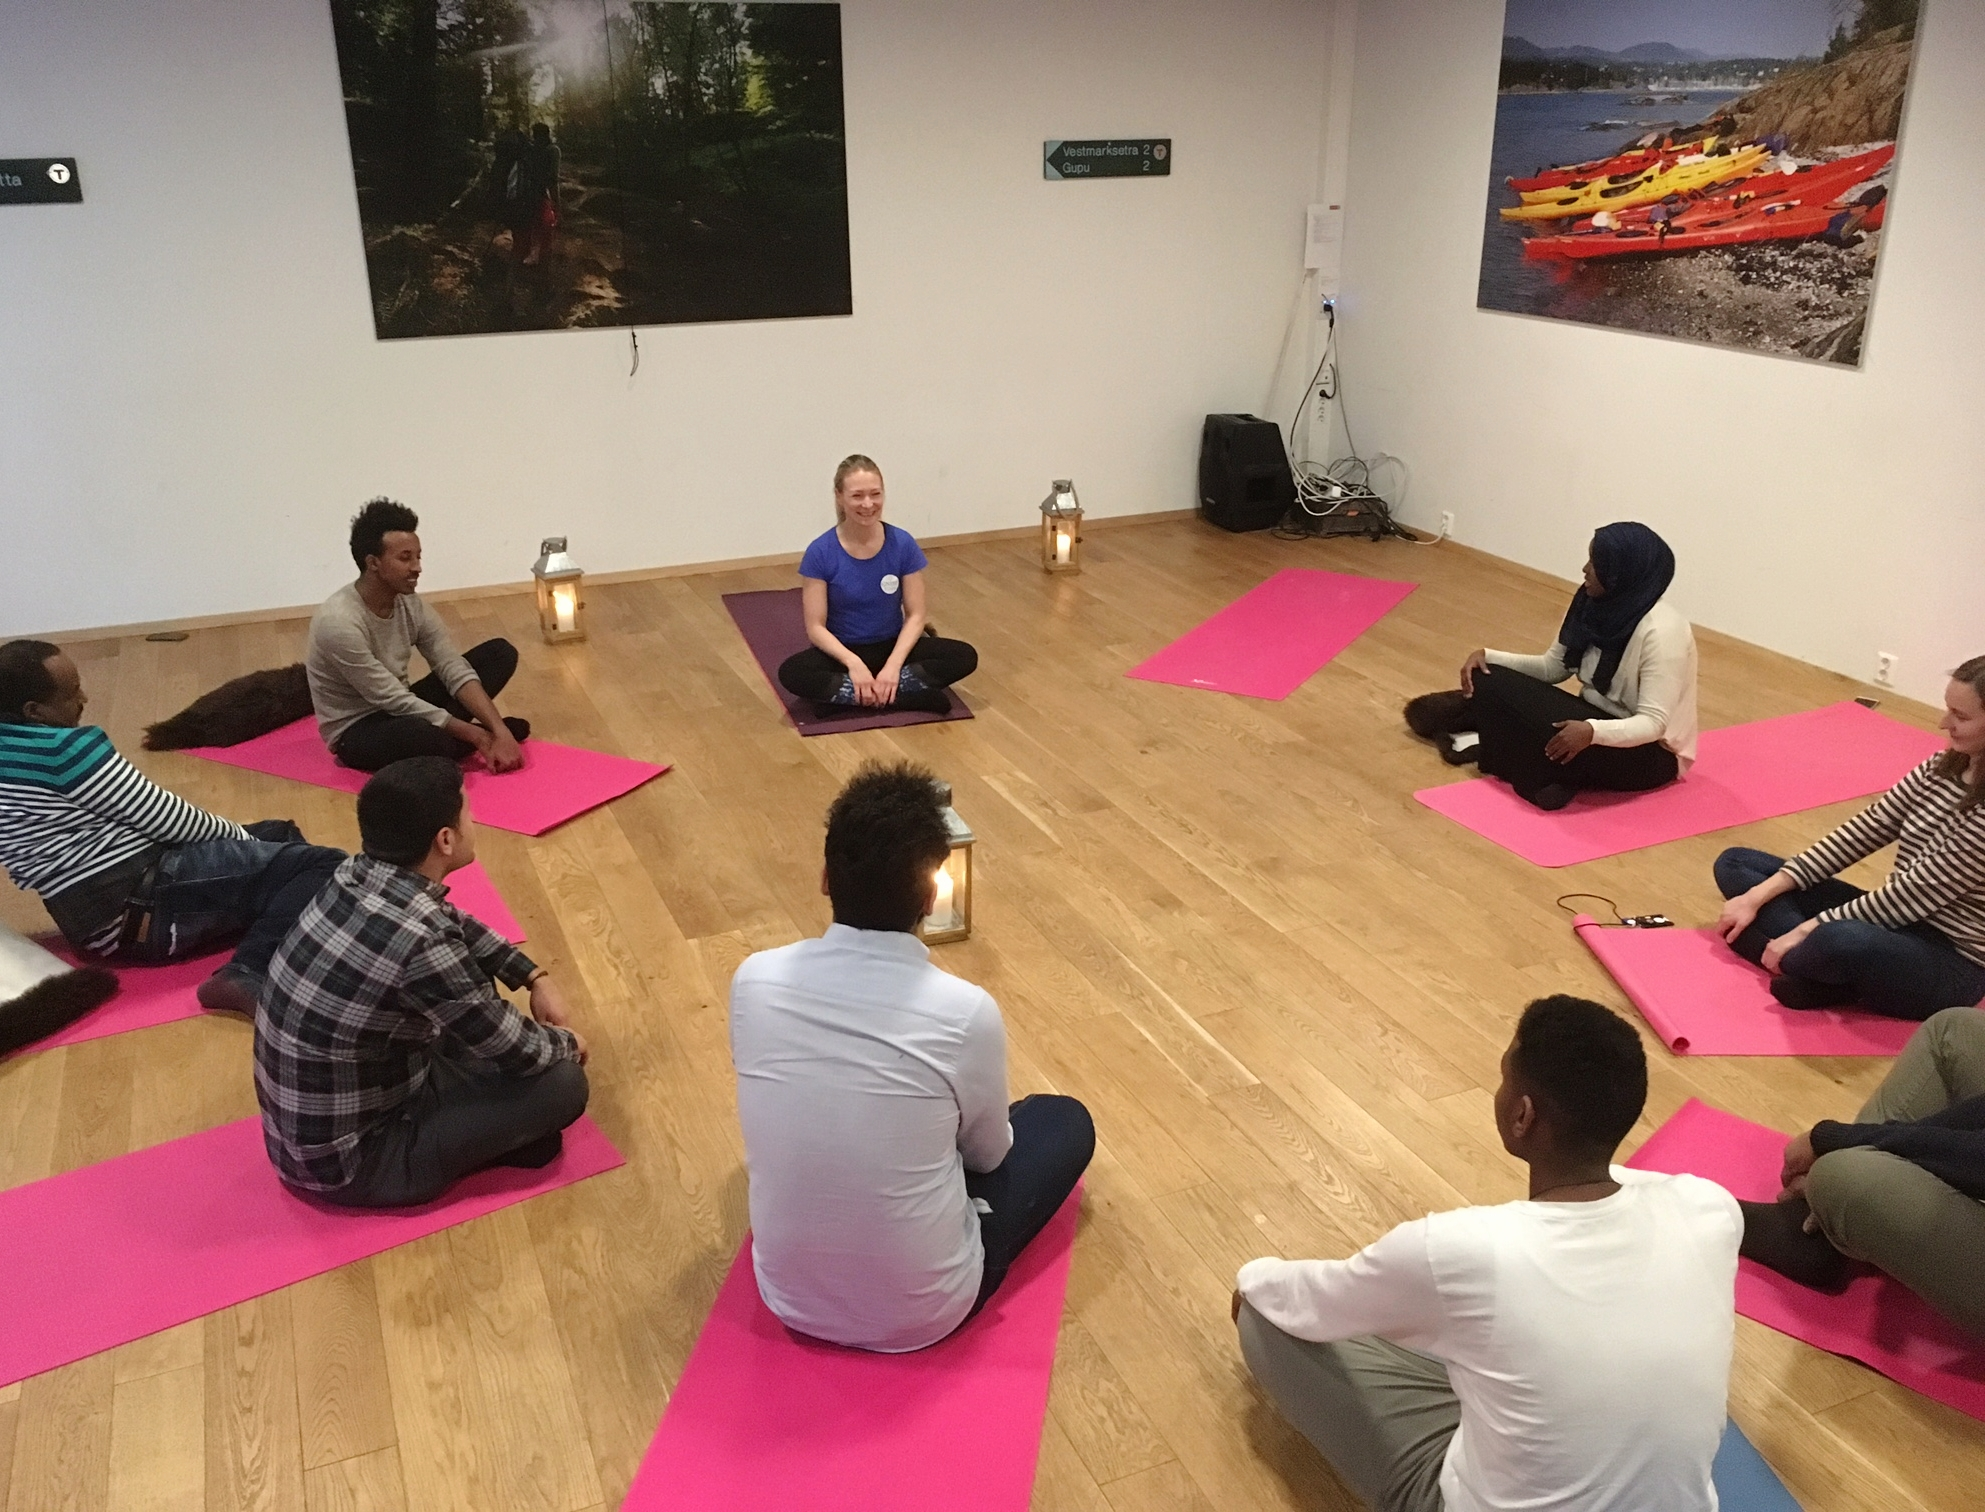 Yoga for personer med flyktningbakgrunn - - Traumesensitiv pedagogikk- 30 - 60 minutters timer, dynamisk eller rolig tempo- Fokus på tilstedeværelse og å løse opp i spenninger i kroppen. - Tilpasses deltakeres form - ingen erfaring er nødvendig- Små grupper på max. 10 personer for å skape et trygt miljø- Kurs av 5-10 ganger er ideelt for best mulig utbytte for deltakerneTidligere og nåværende samarbeid: DNT Oslo og Omegn og Bydel Gamle Oslo.